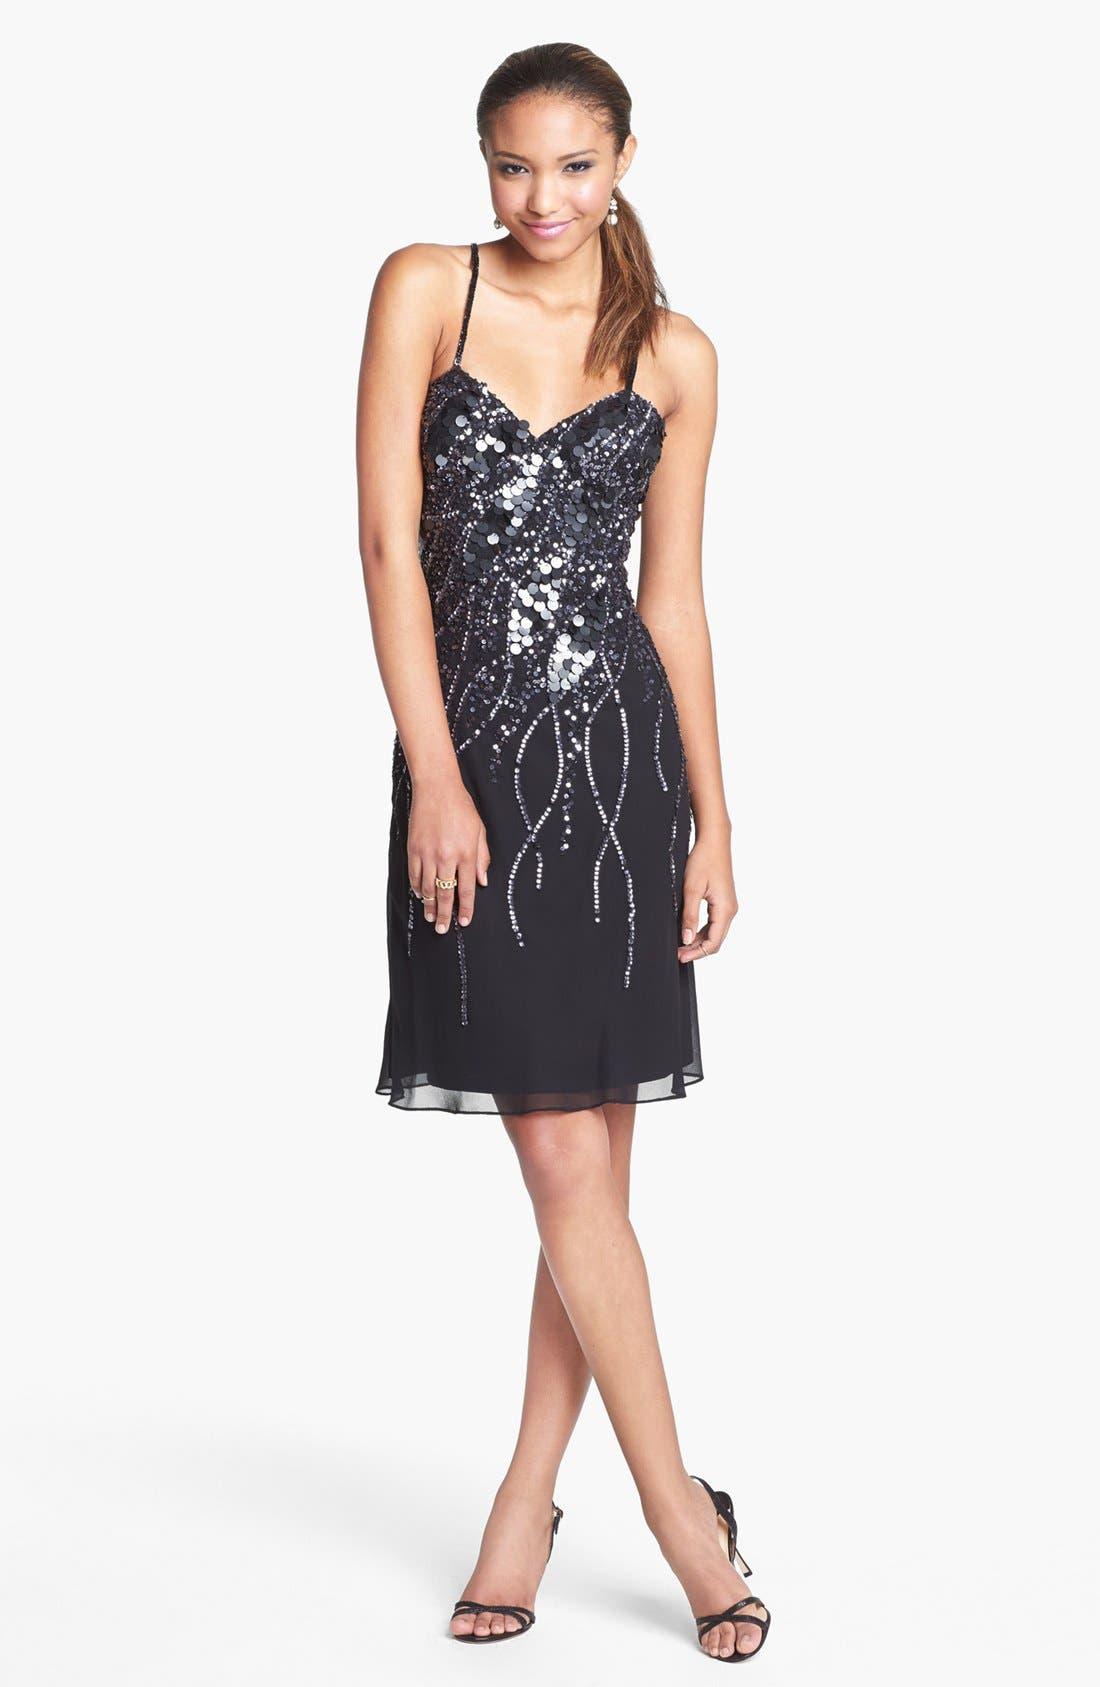 Alternate Image 1 Selected - Faviana Embellished Chiffon Dress